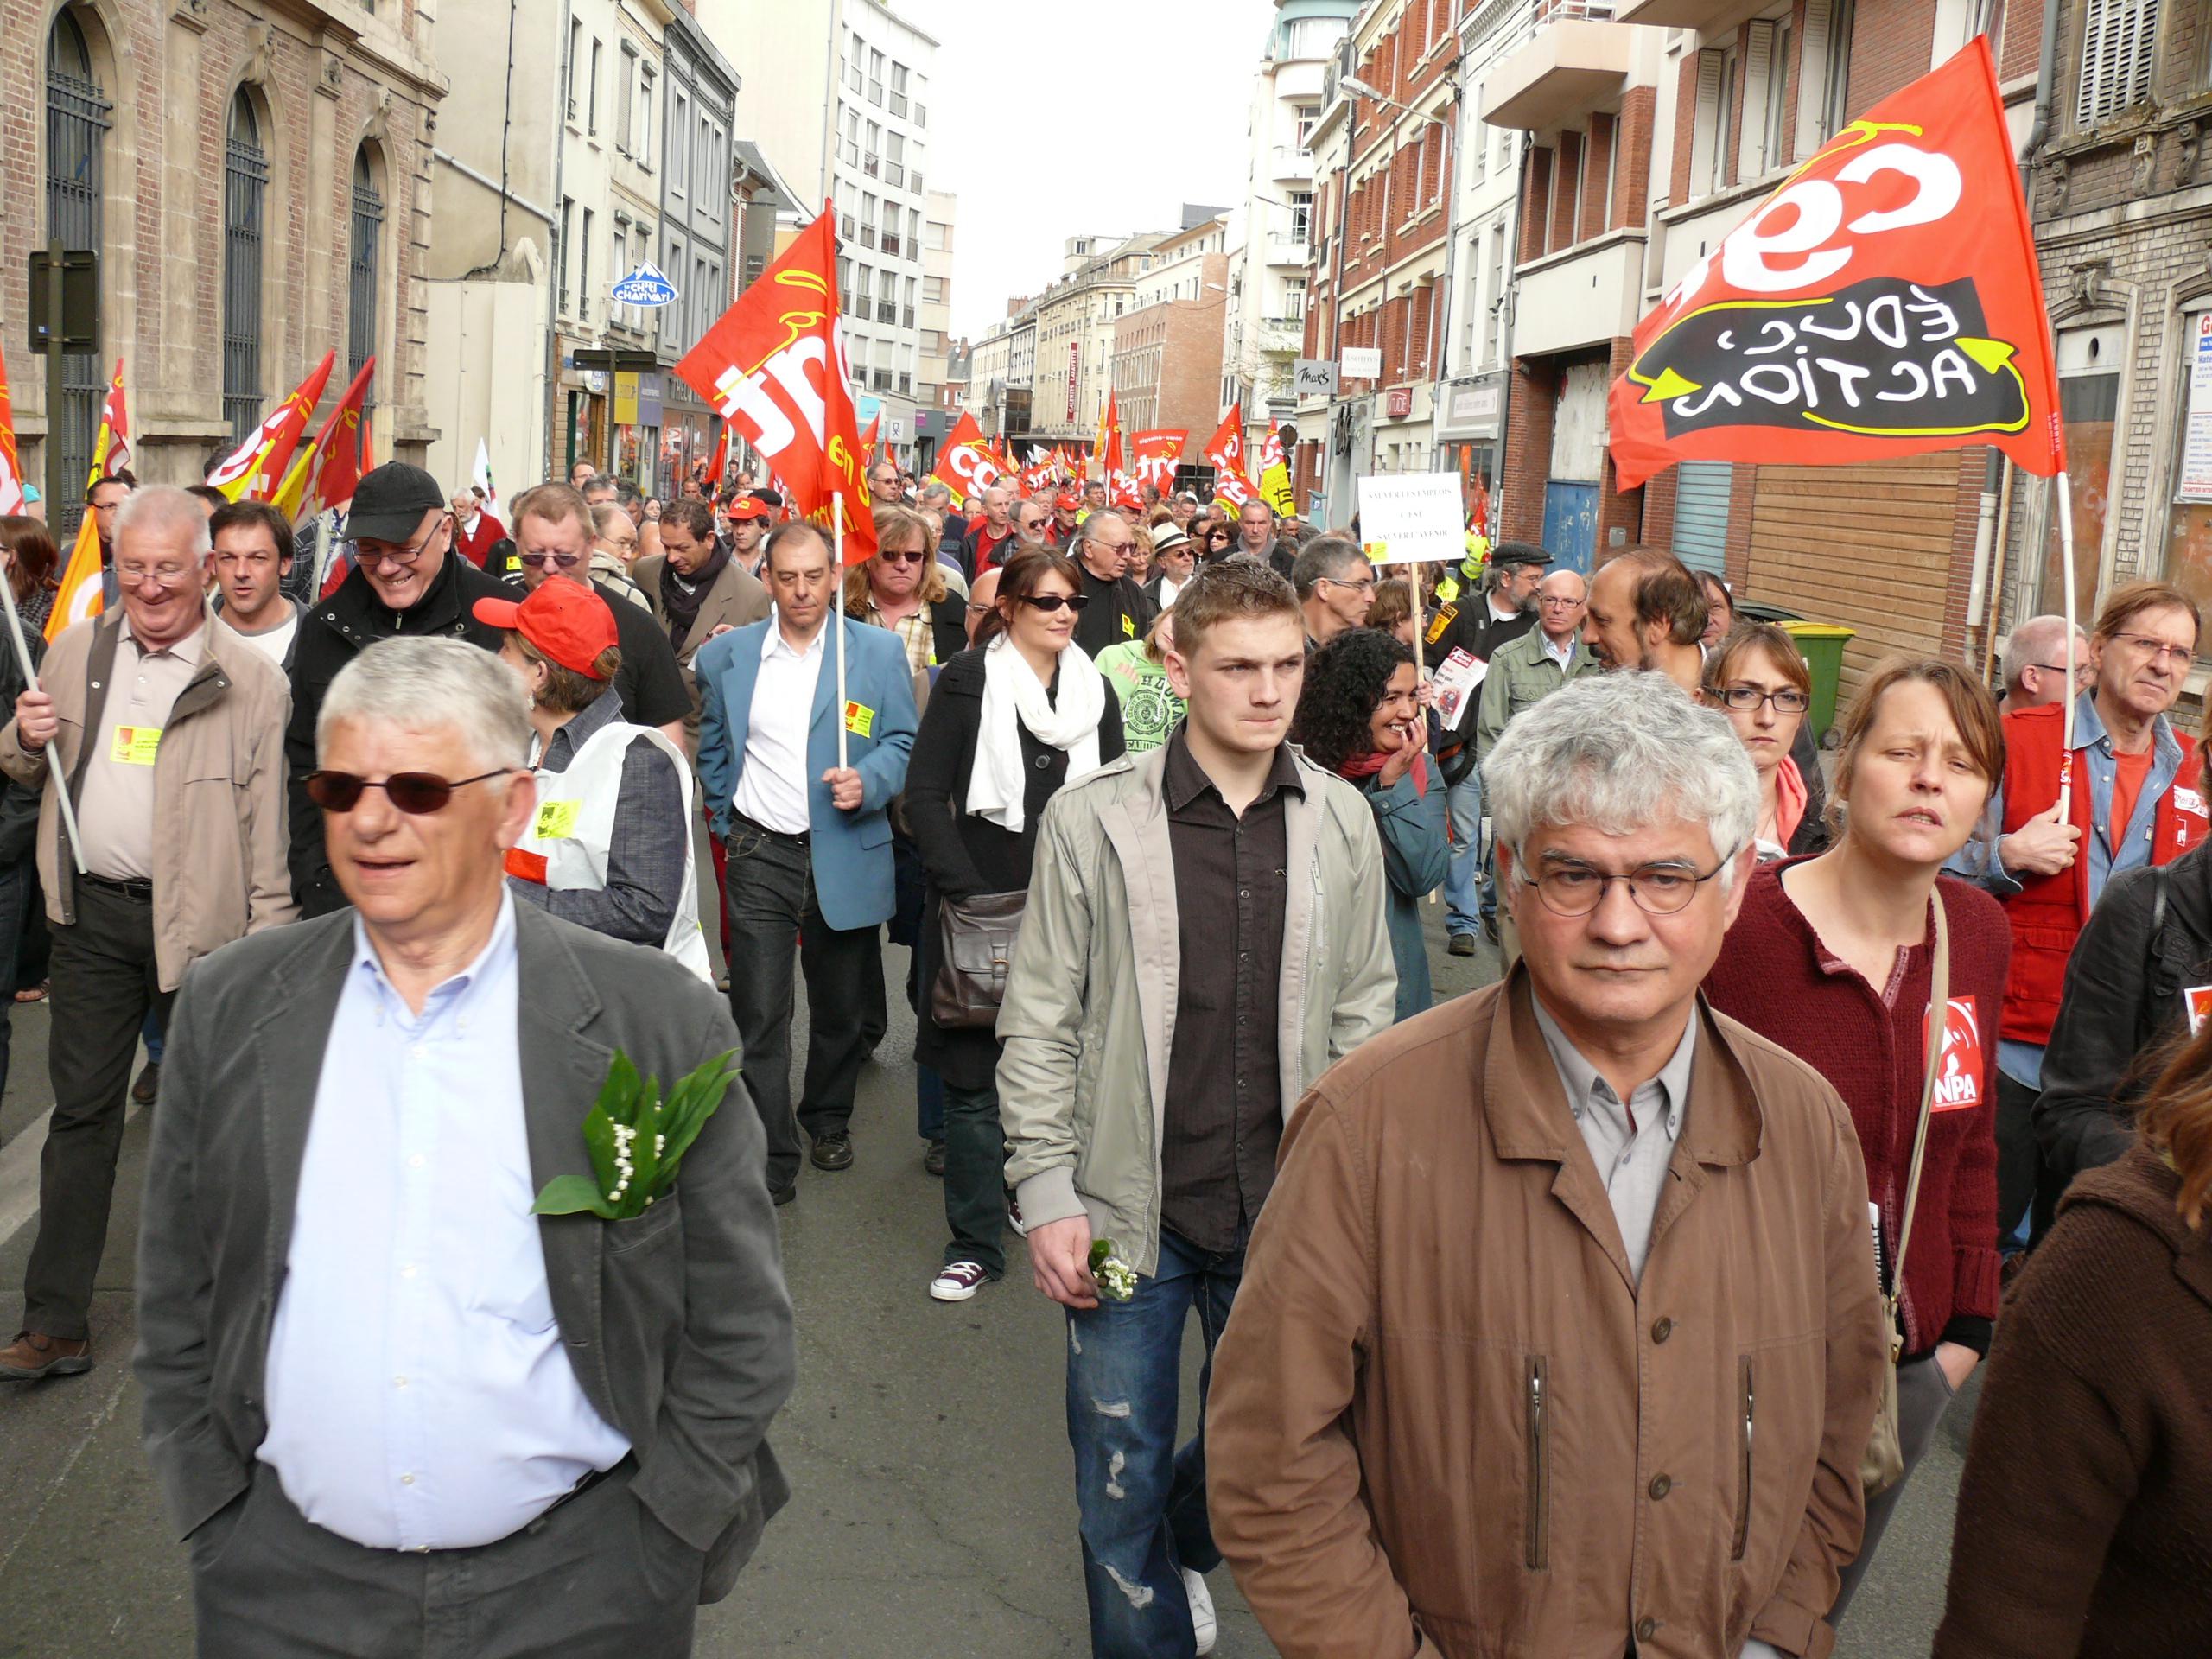 1er_mai_2010_%C3%A0_Amiens_%28France%29.JPG